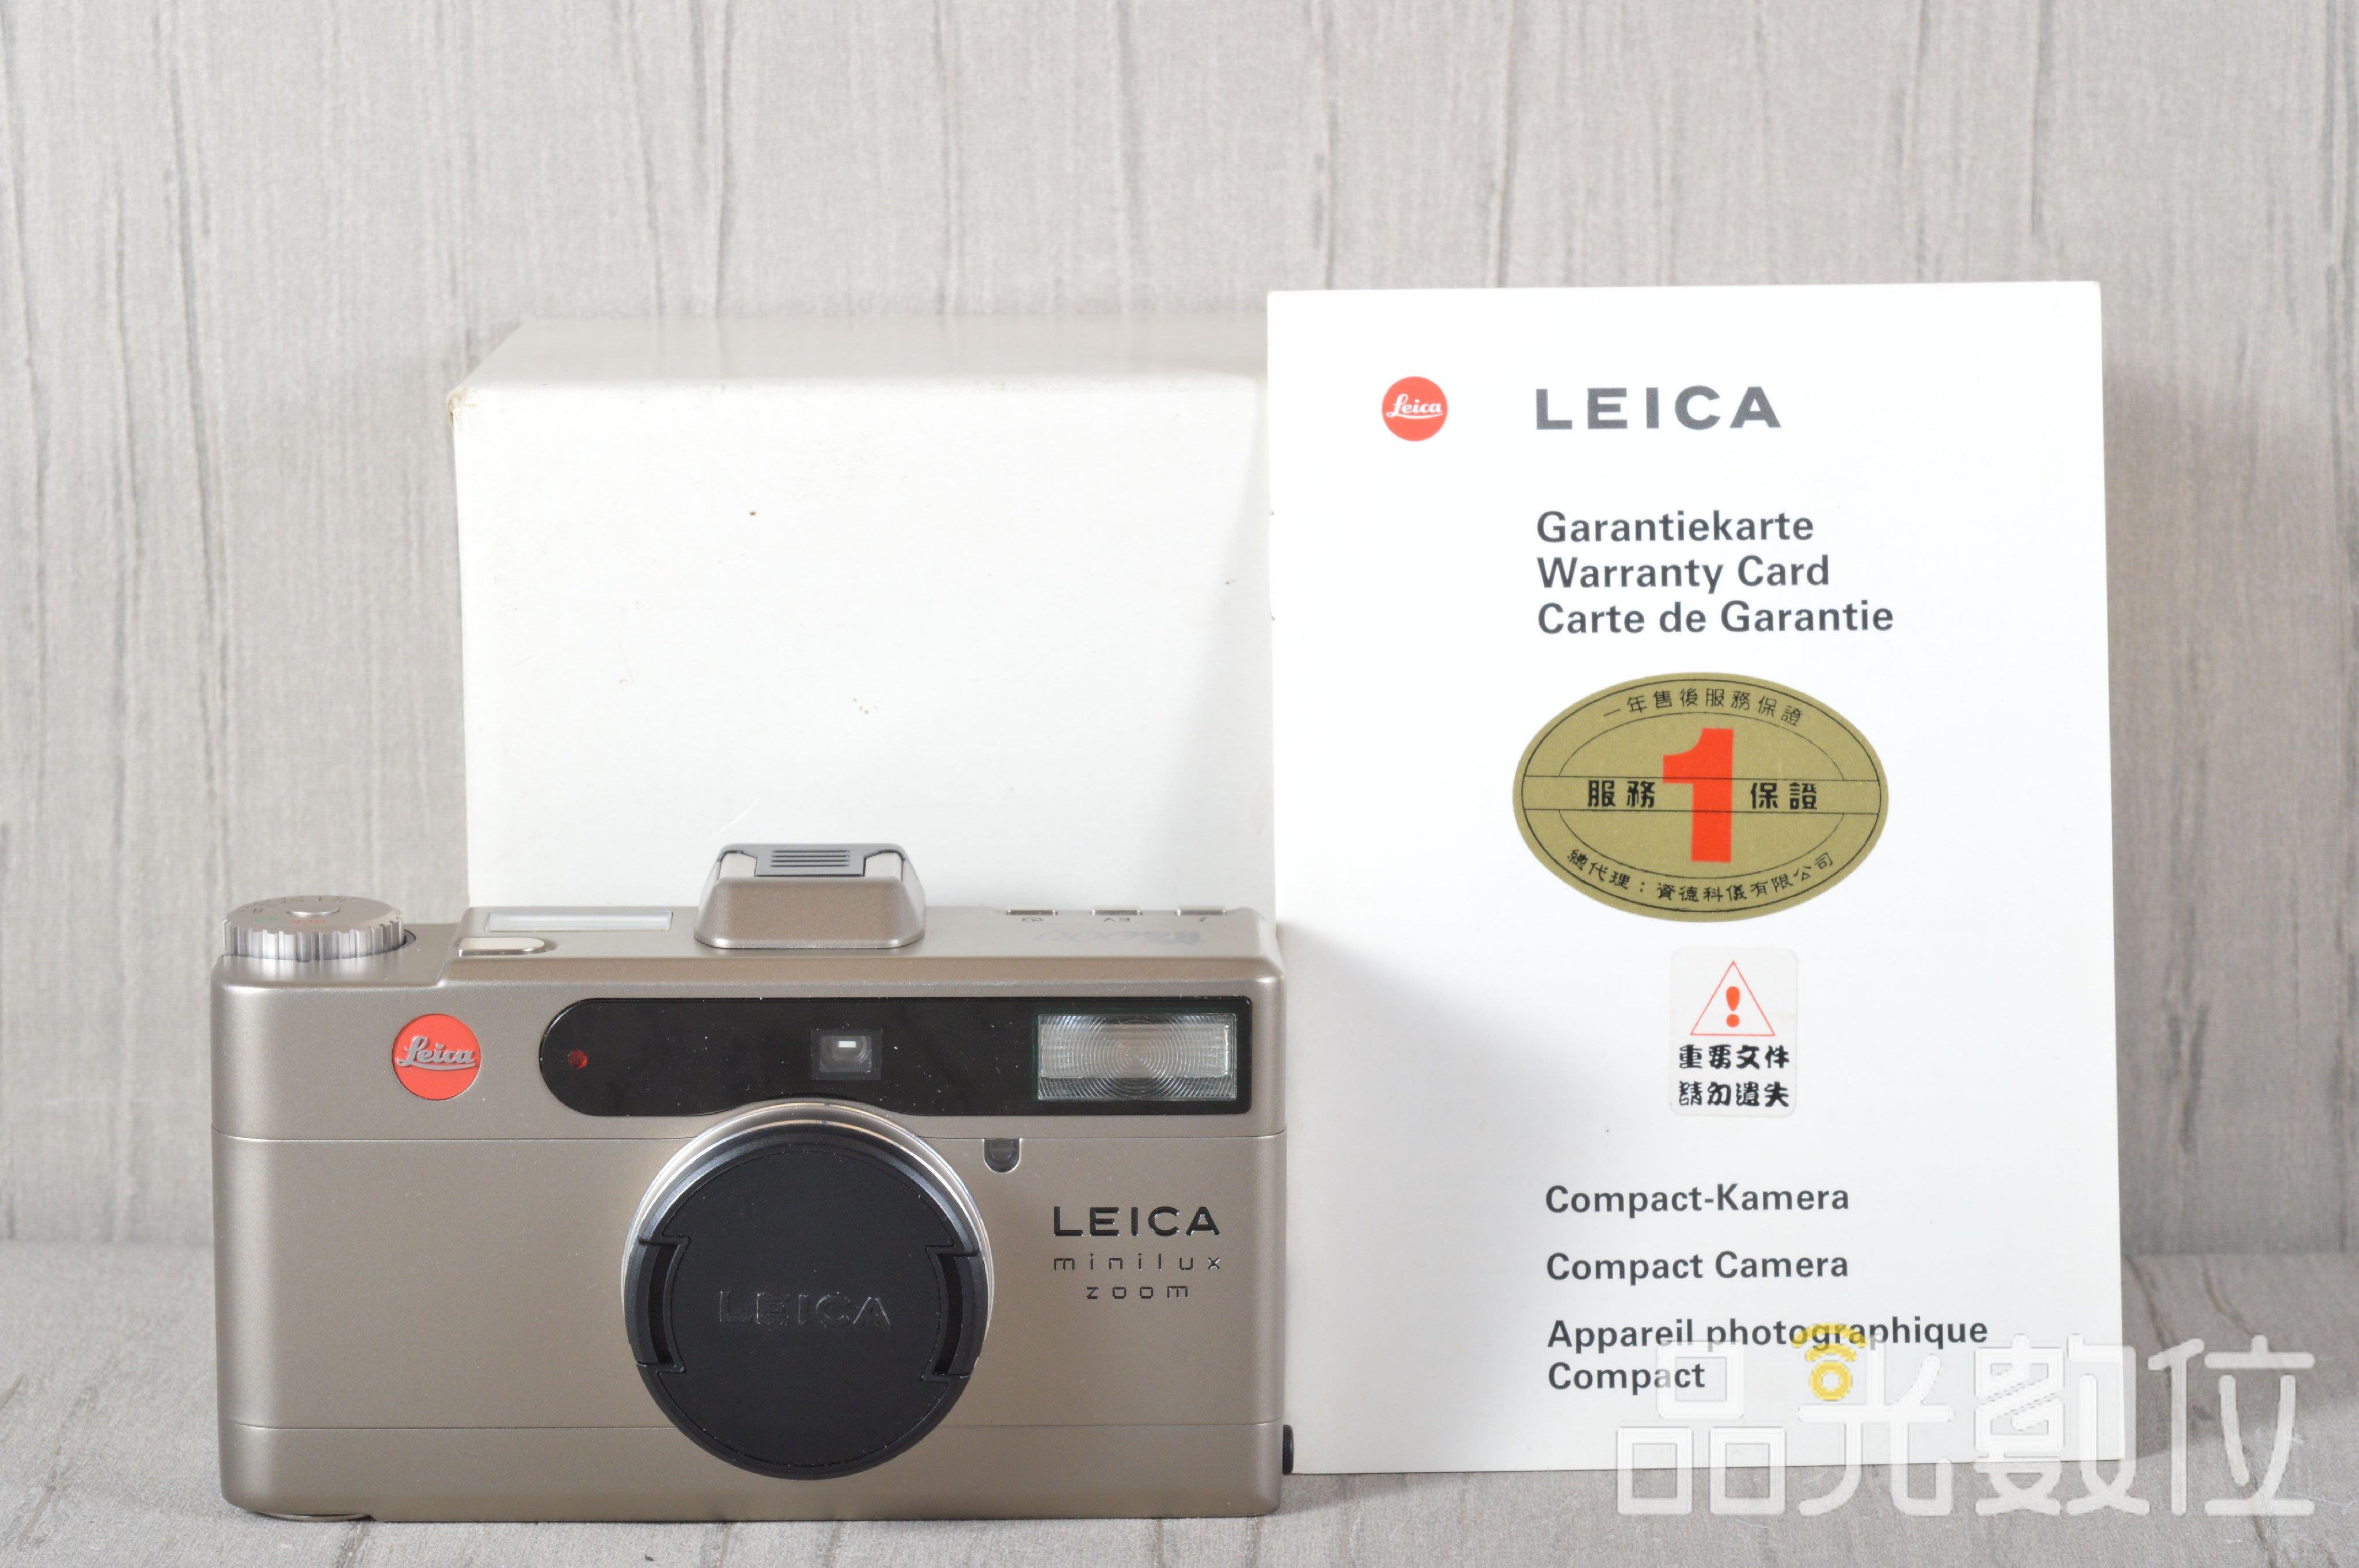 【品光數位】徠卡 LEICA minilux 龍 2000 紀念機 135 底片機 #94010